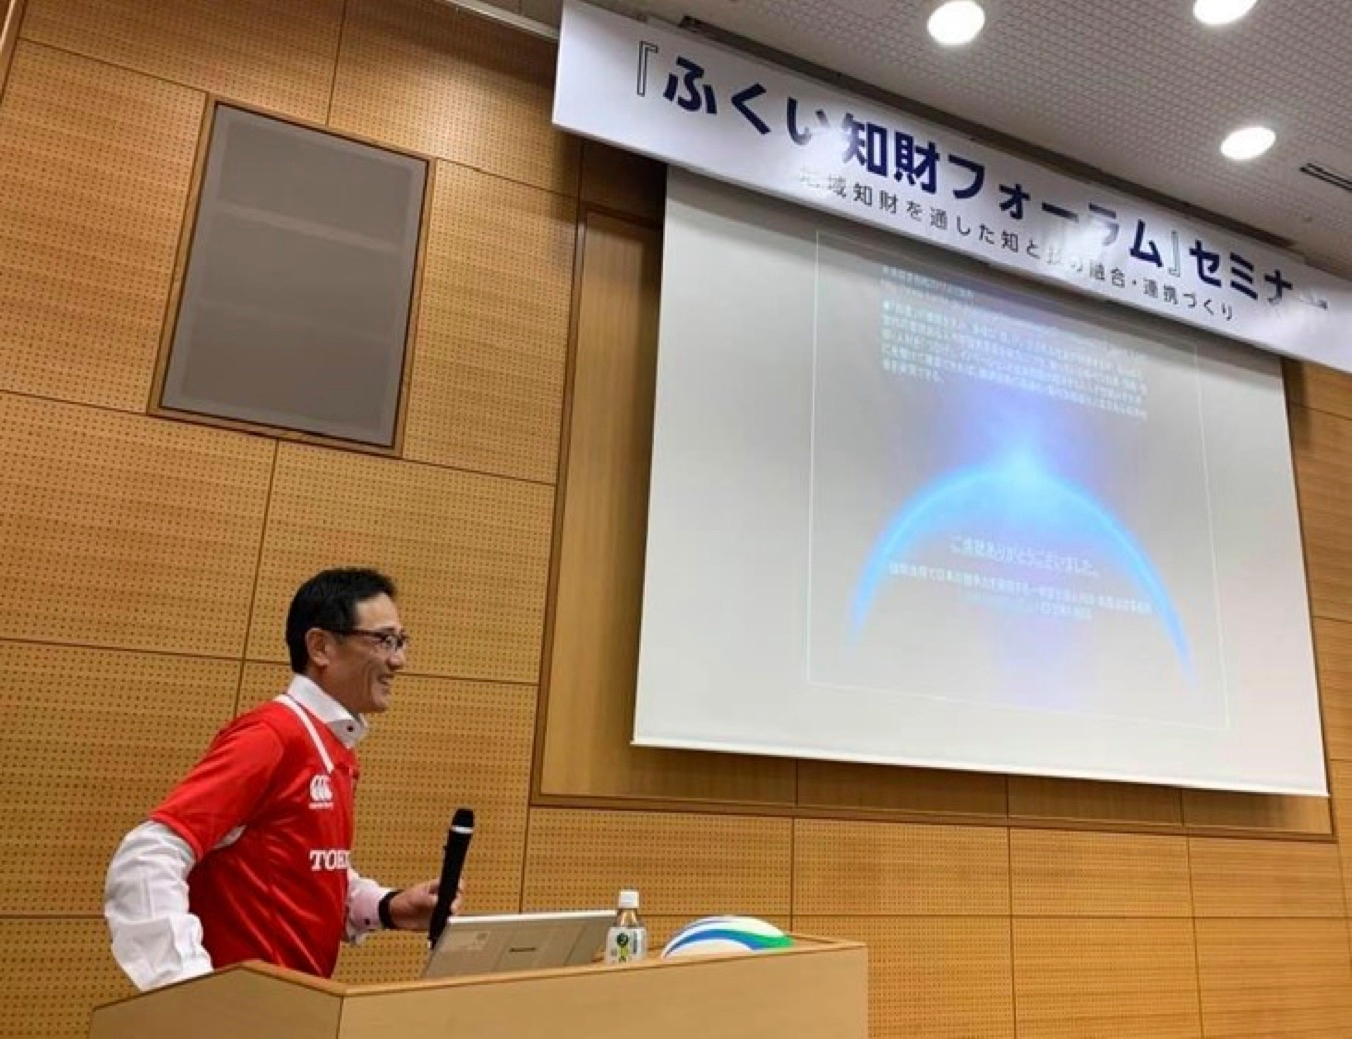 図1●ふくい知財フォーラムでラグビー日本代表のユニフォームを着て講演する筆者 (出所:内田・鮫島法律事務所)